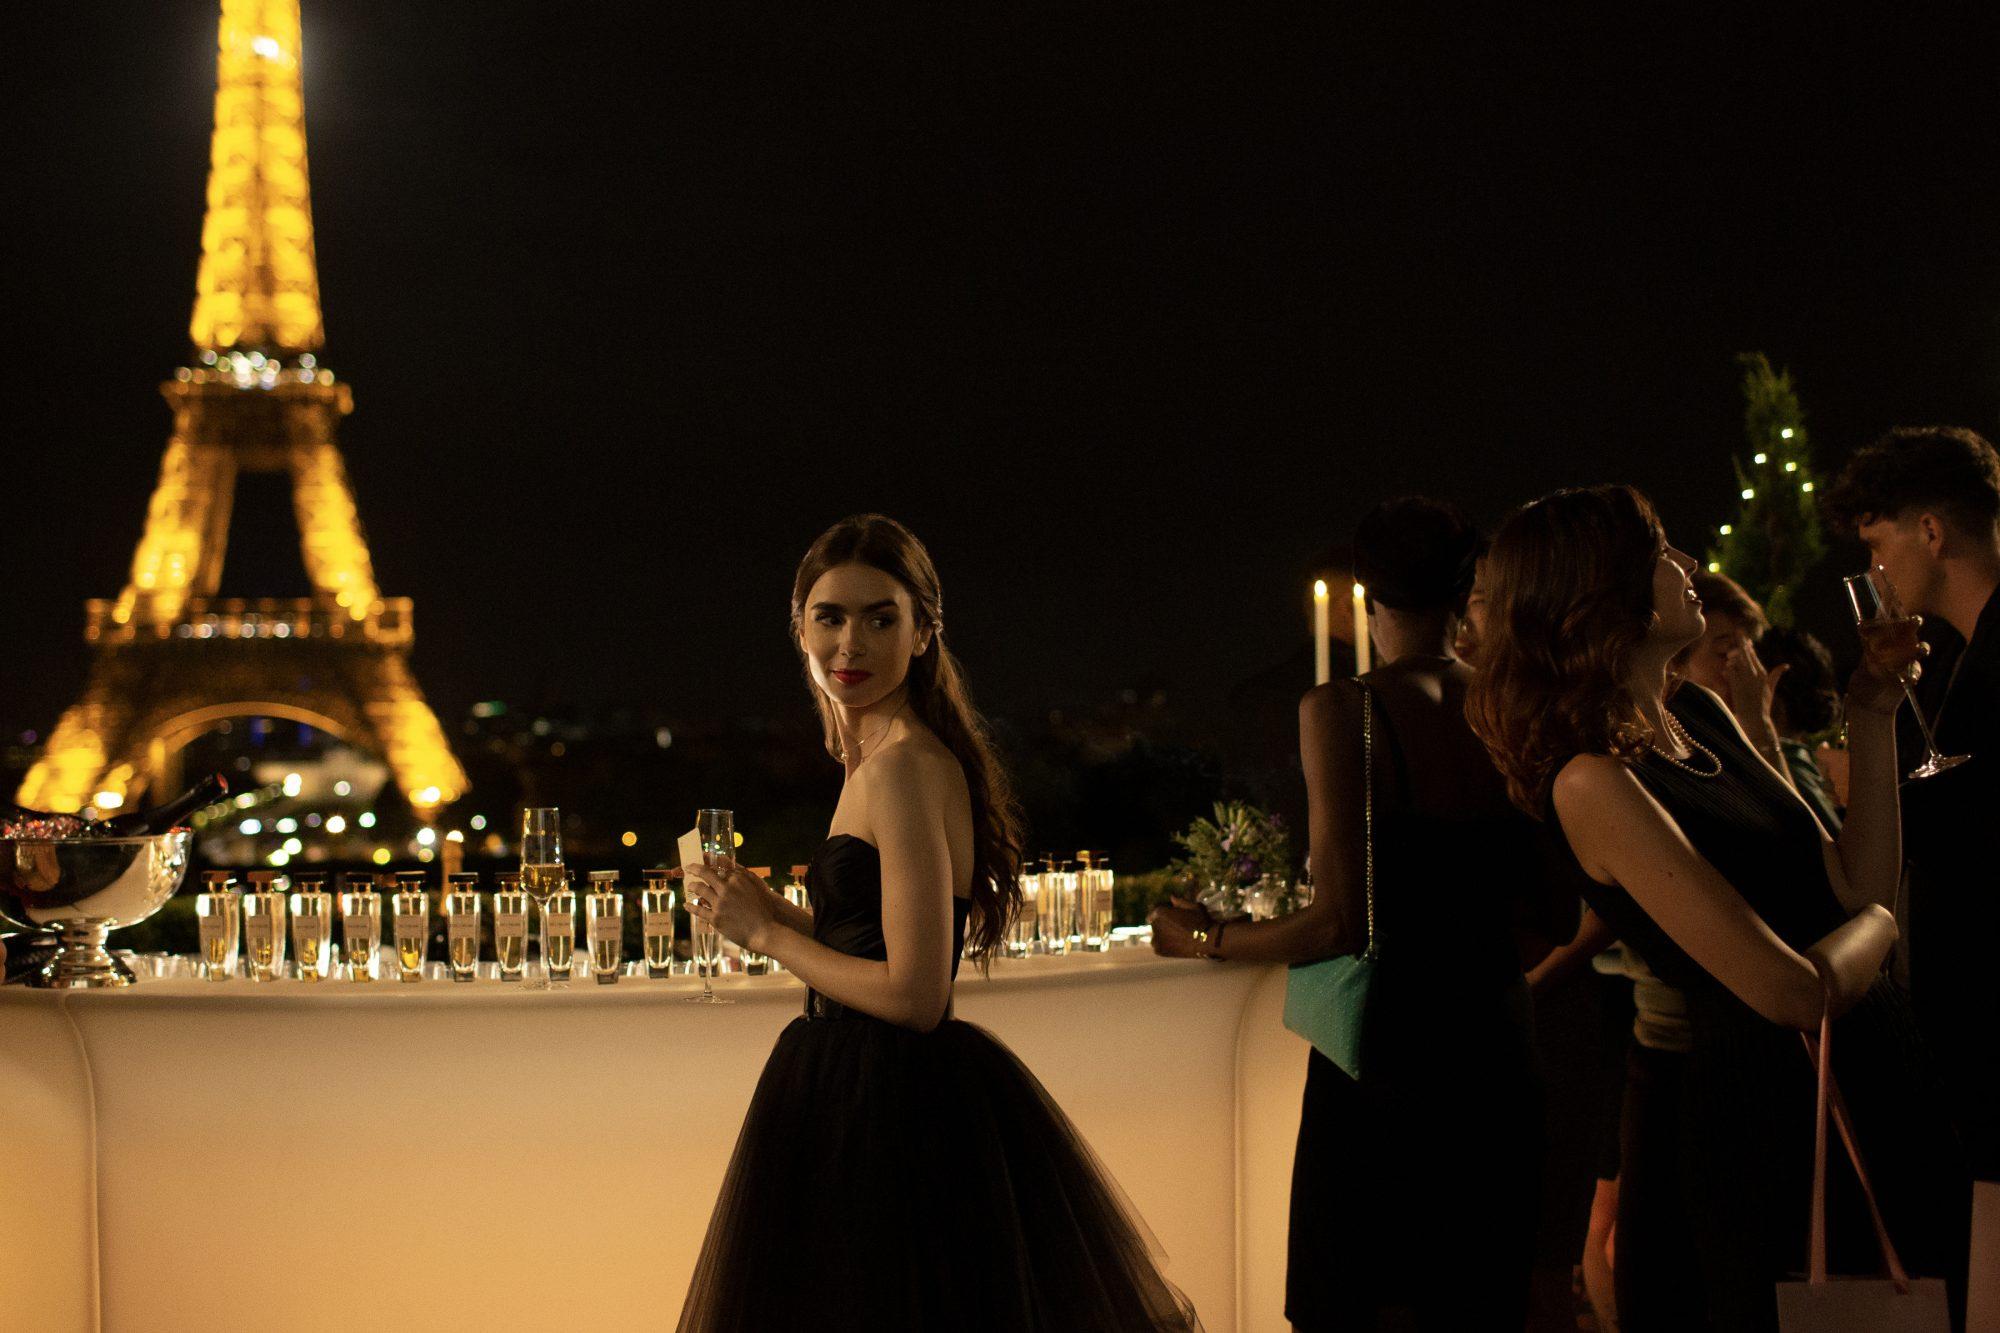 Emily en el final de París, explicado 1